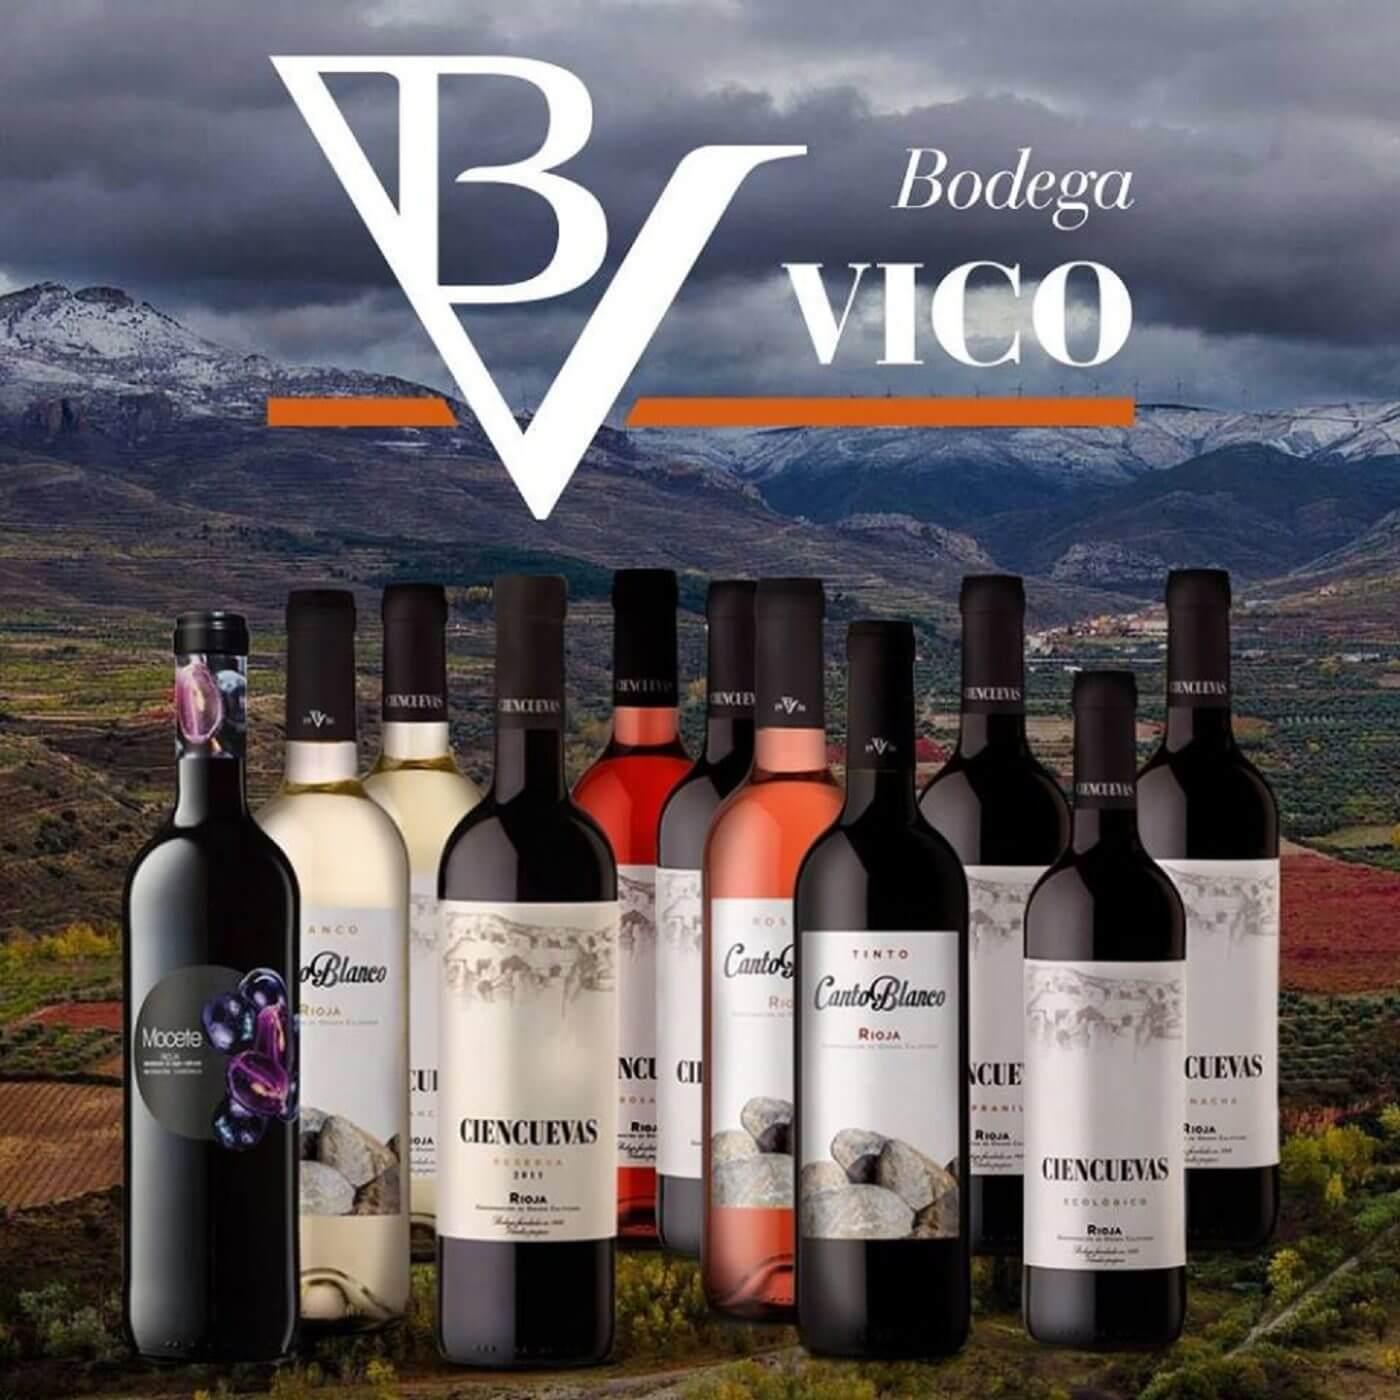 Los vinos de la bodega Nuestra Señora de Vico de Arnedo siguen sumando premios